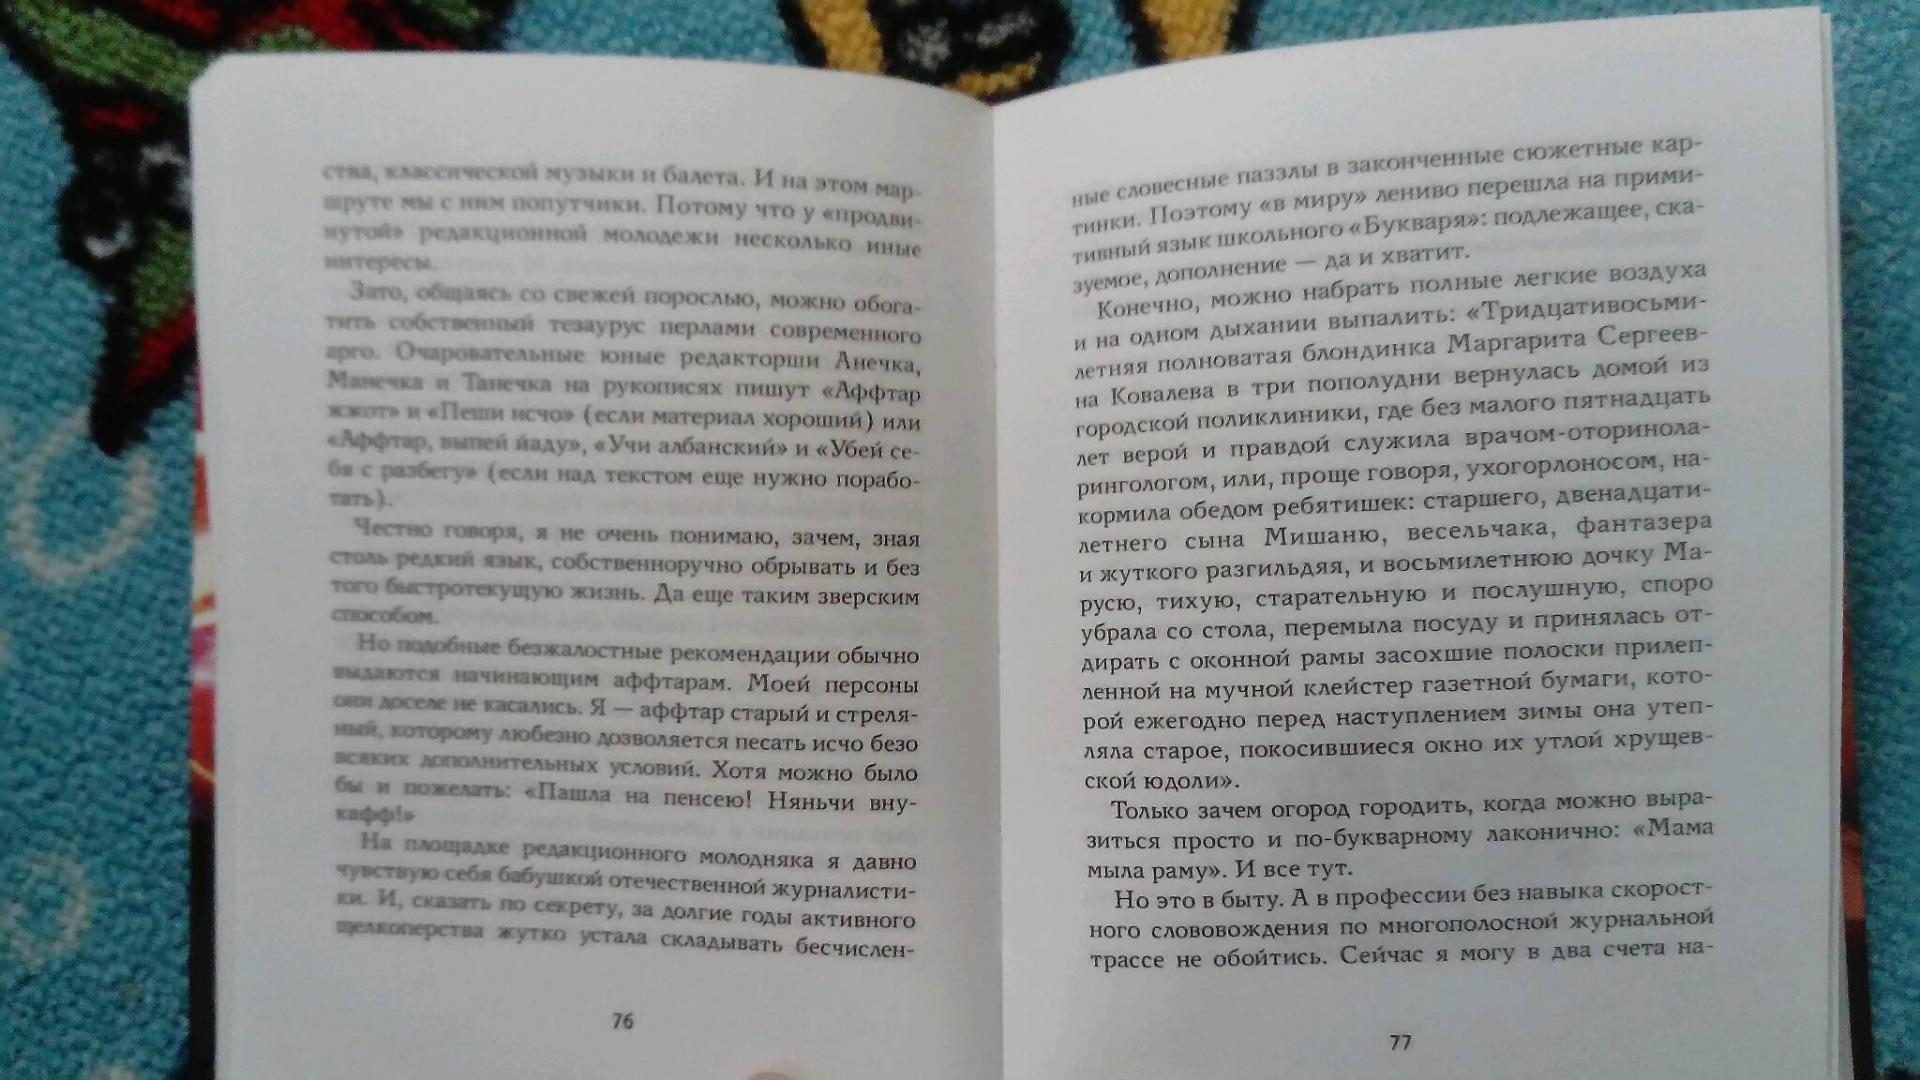 Иллюстрация 3 из 15 для Илиади: Книга песен - Марта Петрова | Лабиринт - книги. Источник: Эльвира Якупова